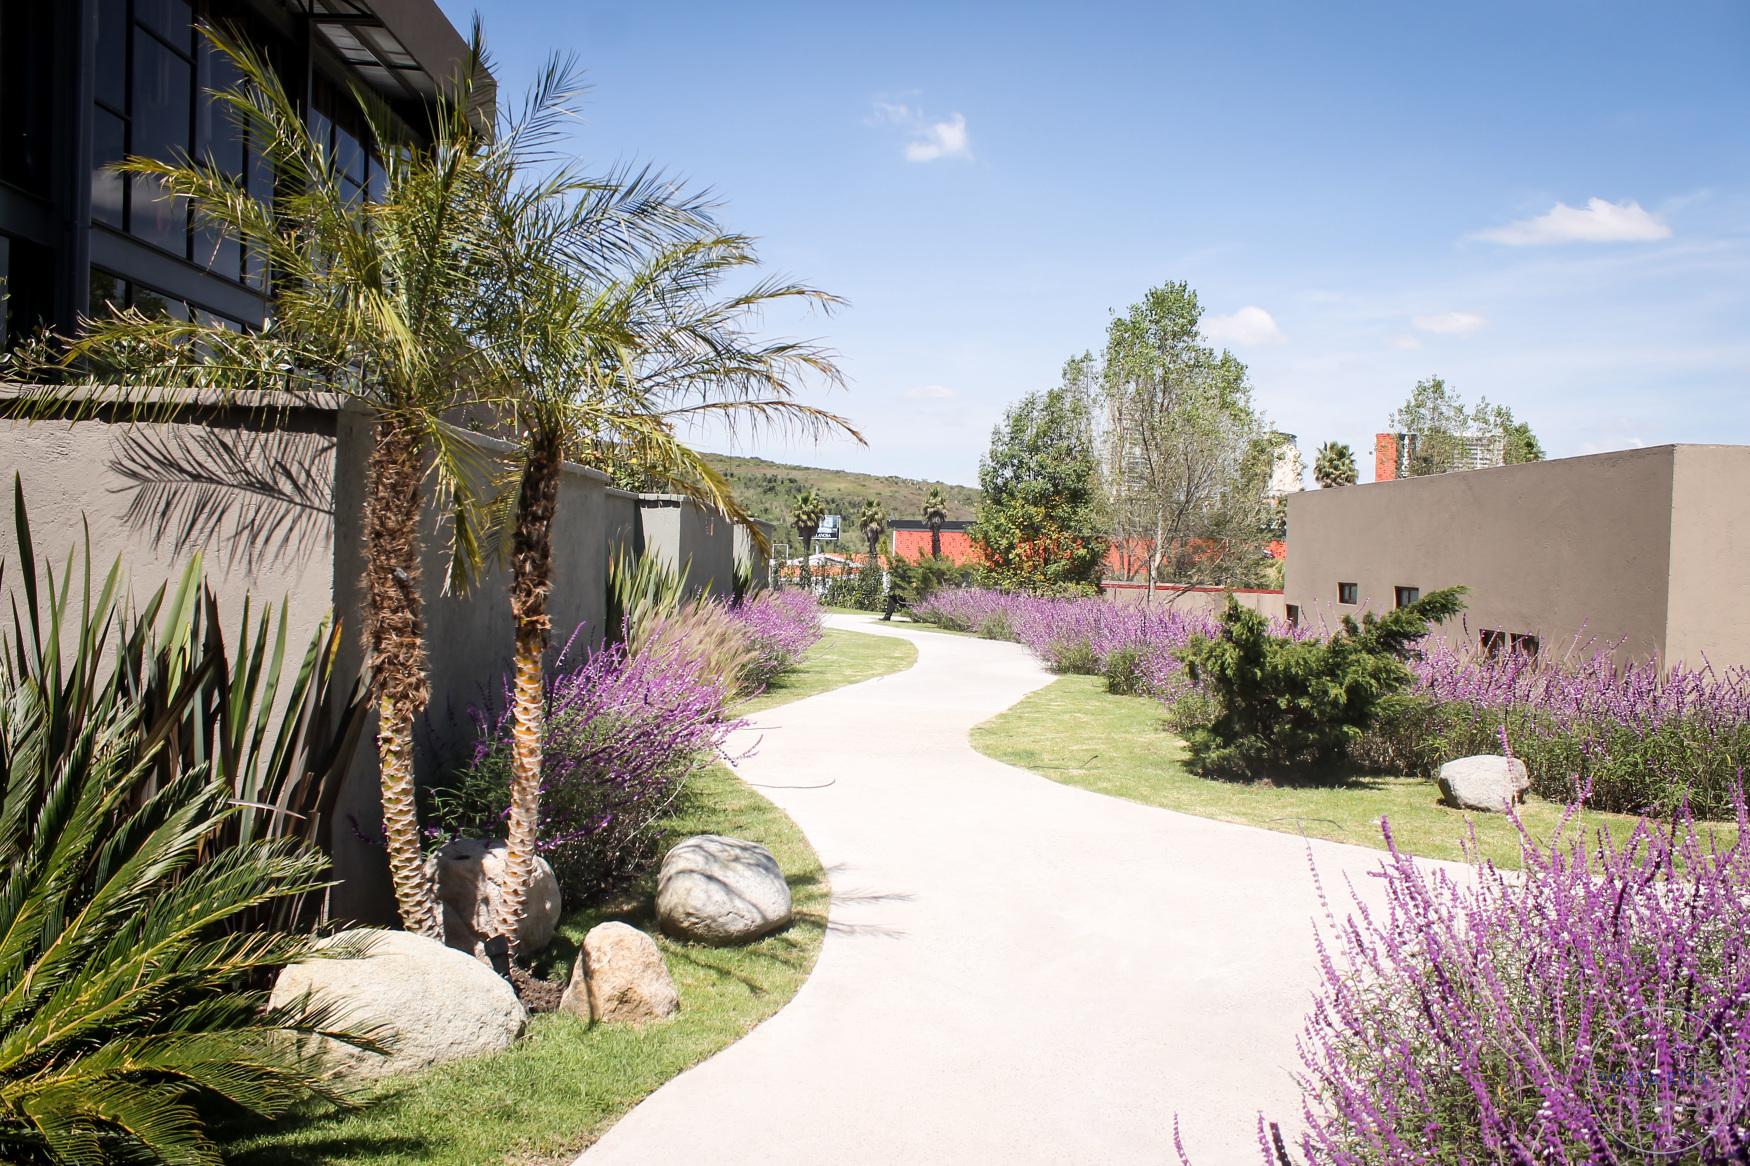 Jard n santa rita cuaik arquitectos for Telefono casa jardin